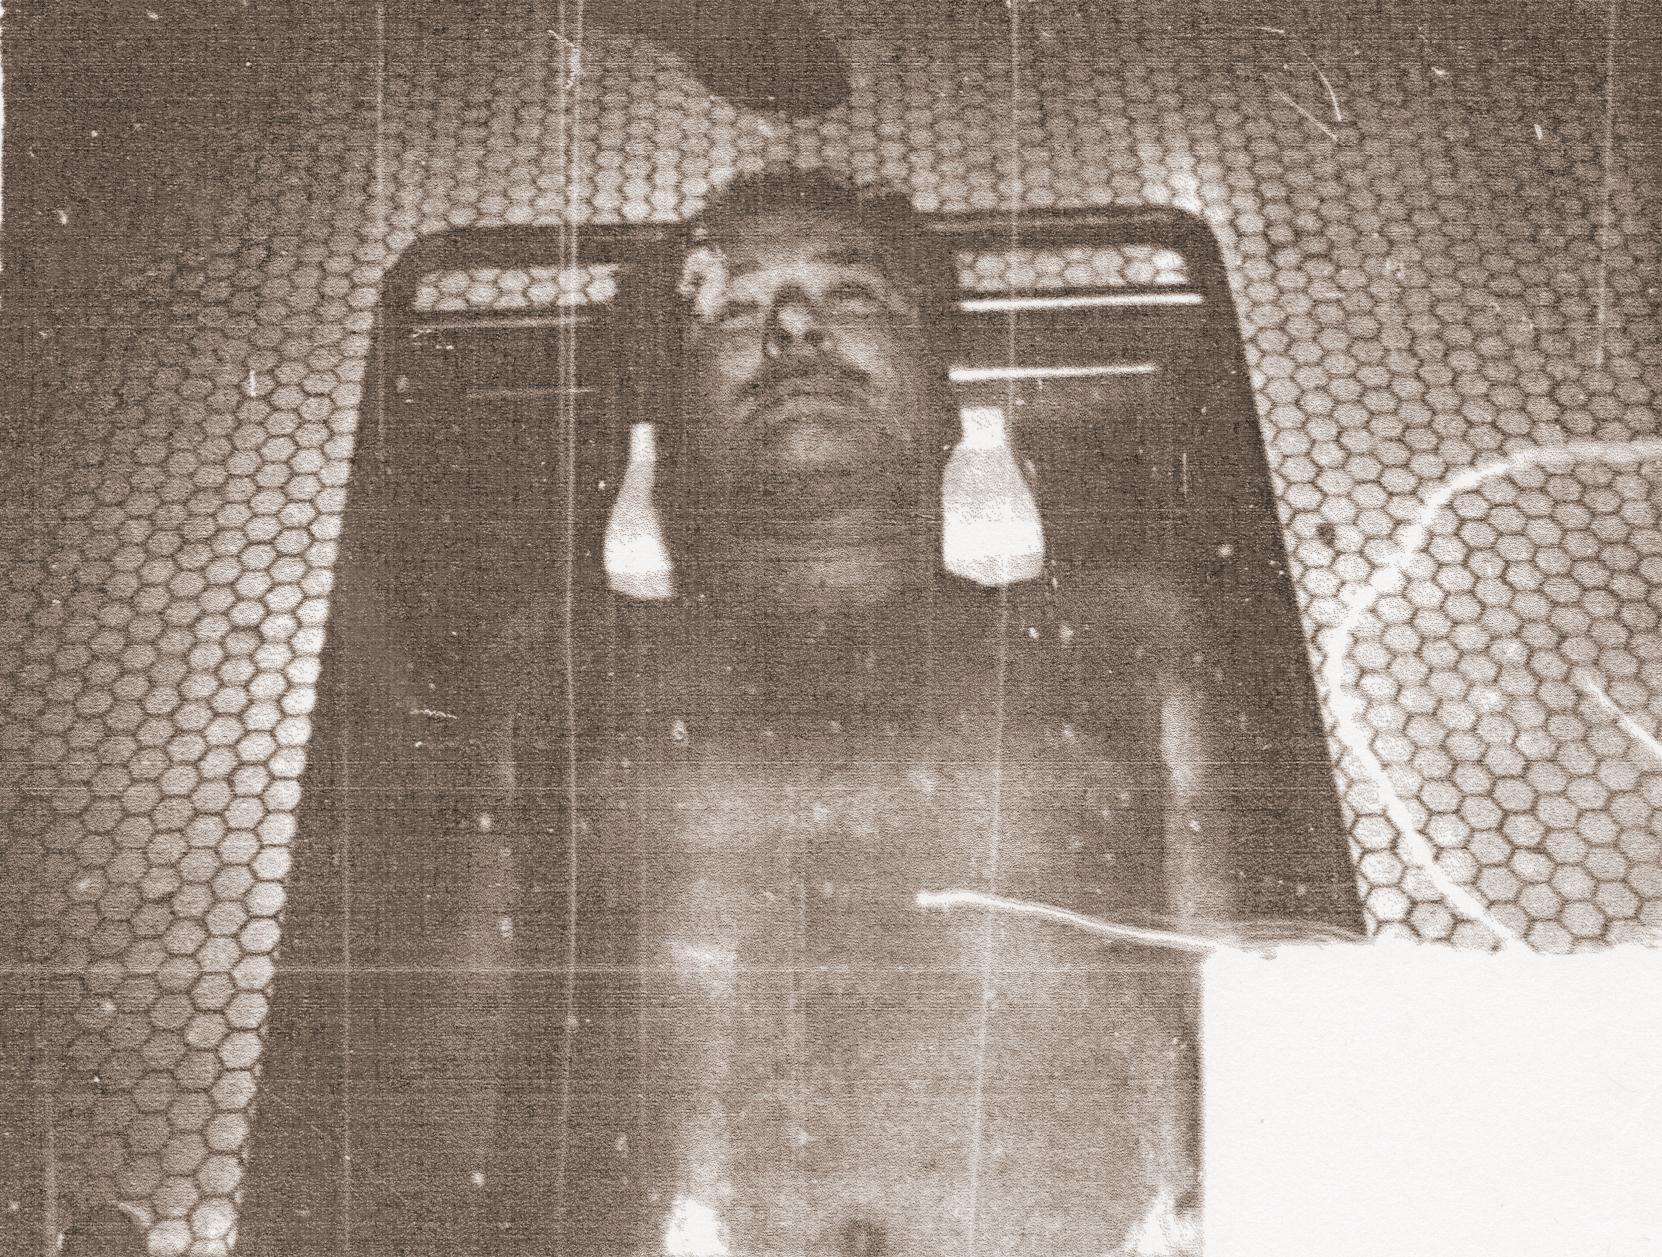 Errol Flynn Vancouver Morgue